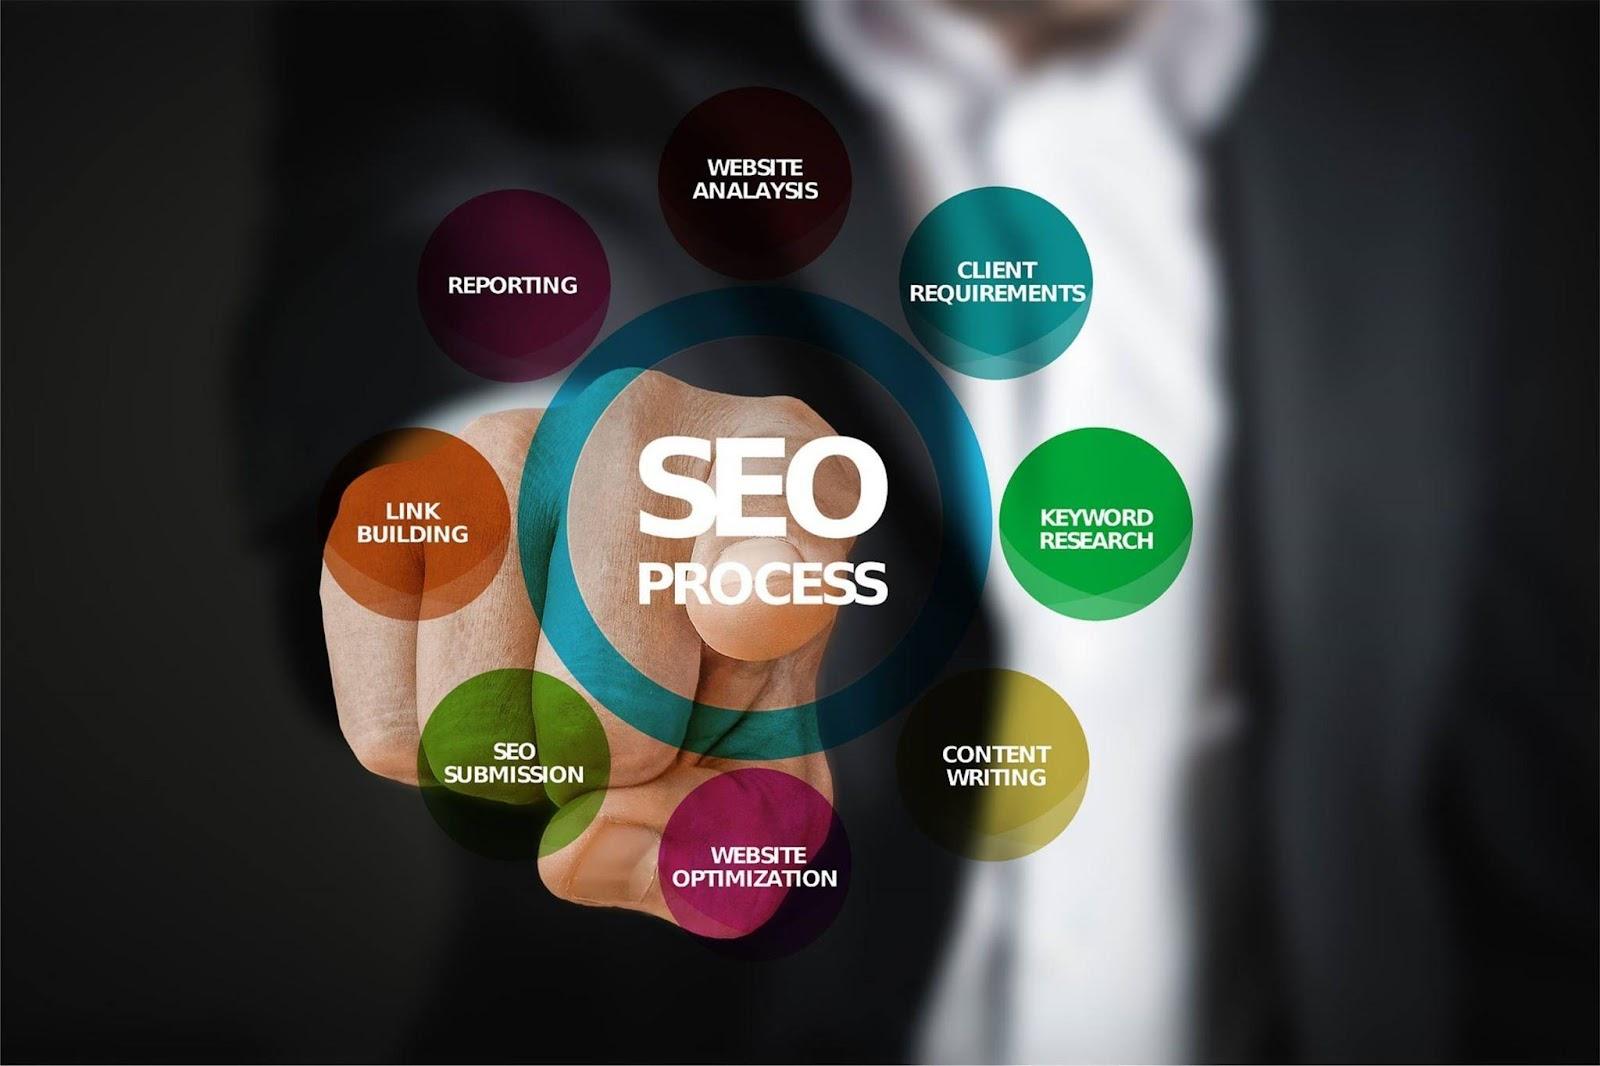 Dịch vụ SEO từ khóa giúp phát triển thương hiệu đạt kết quả cao.